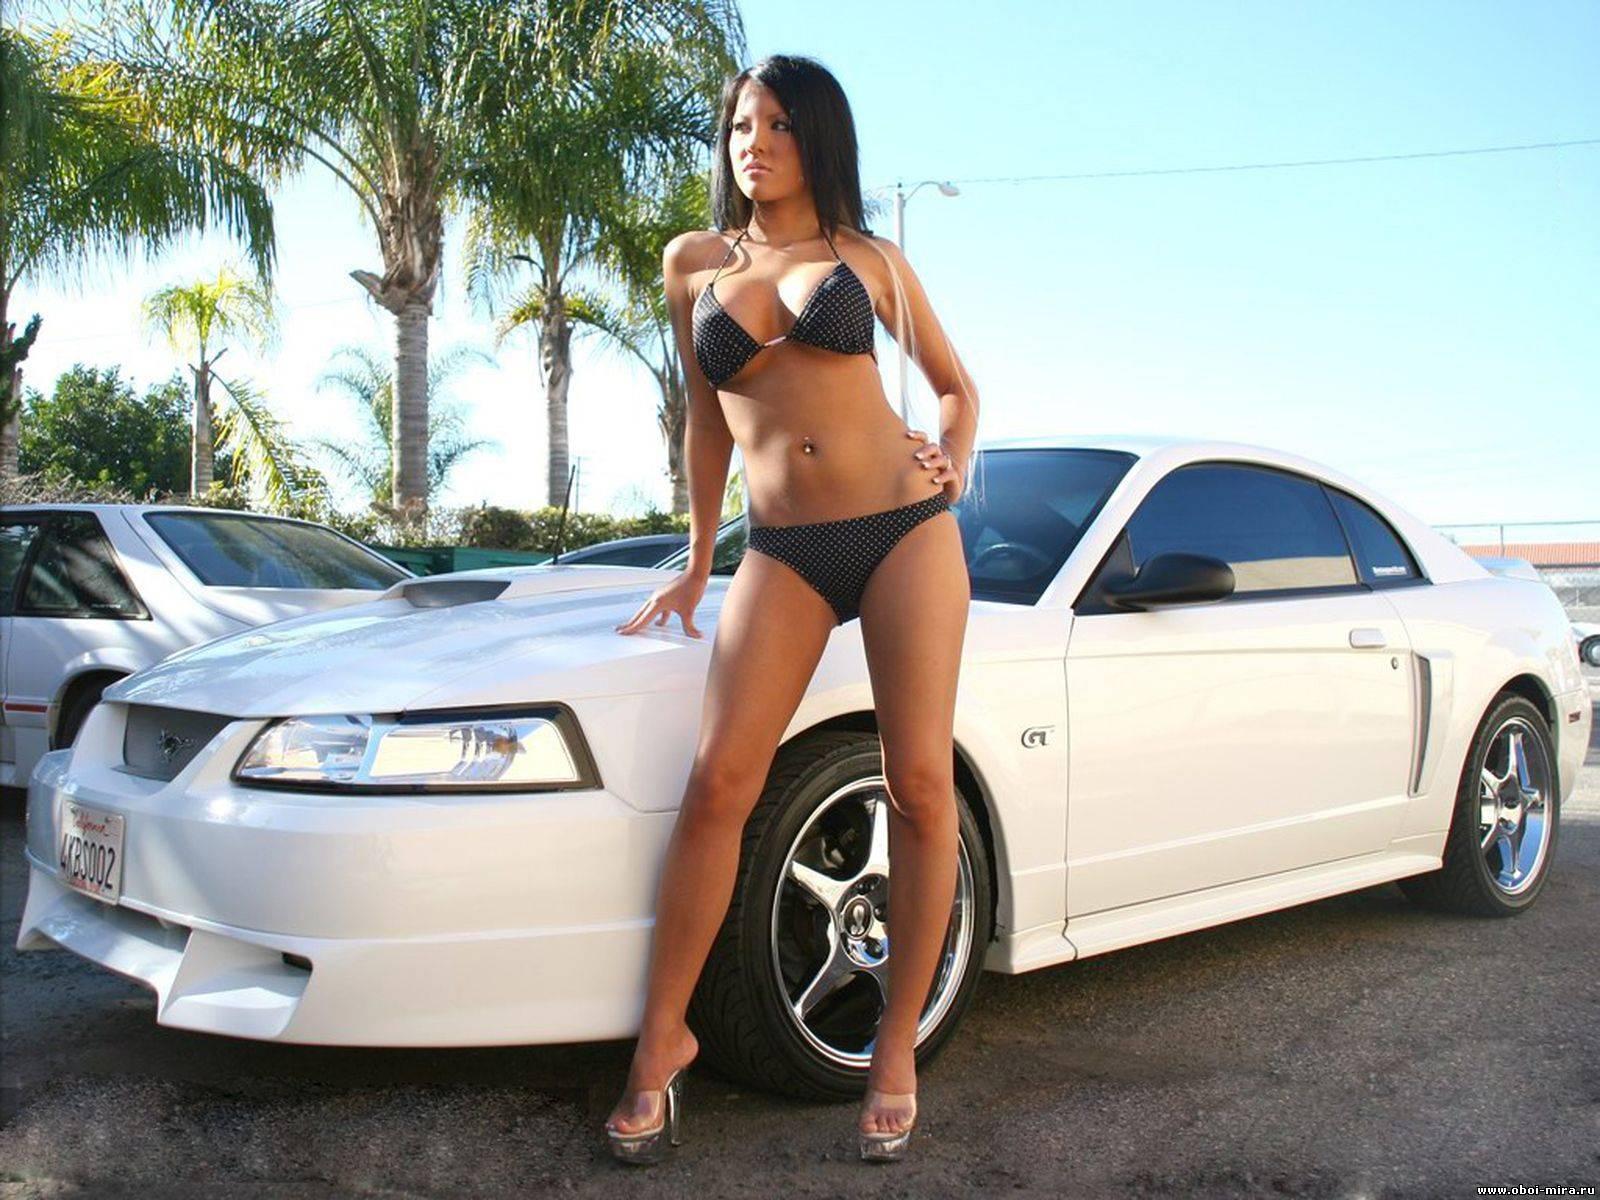 Фотки телок с куча деньгами и возле машины 5 фотография